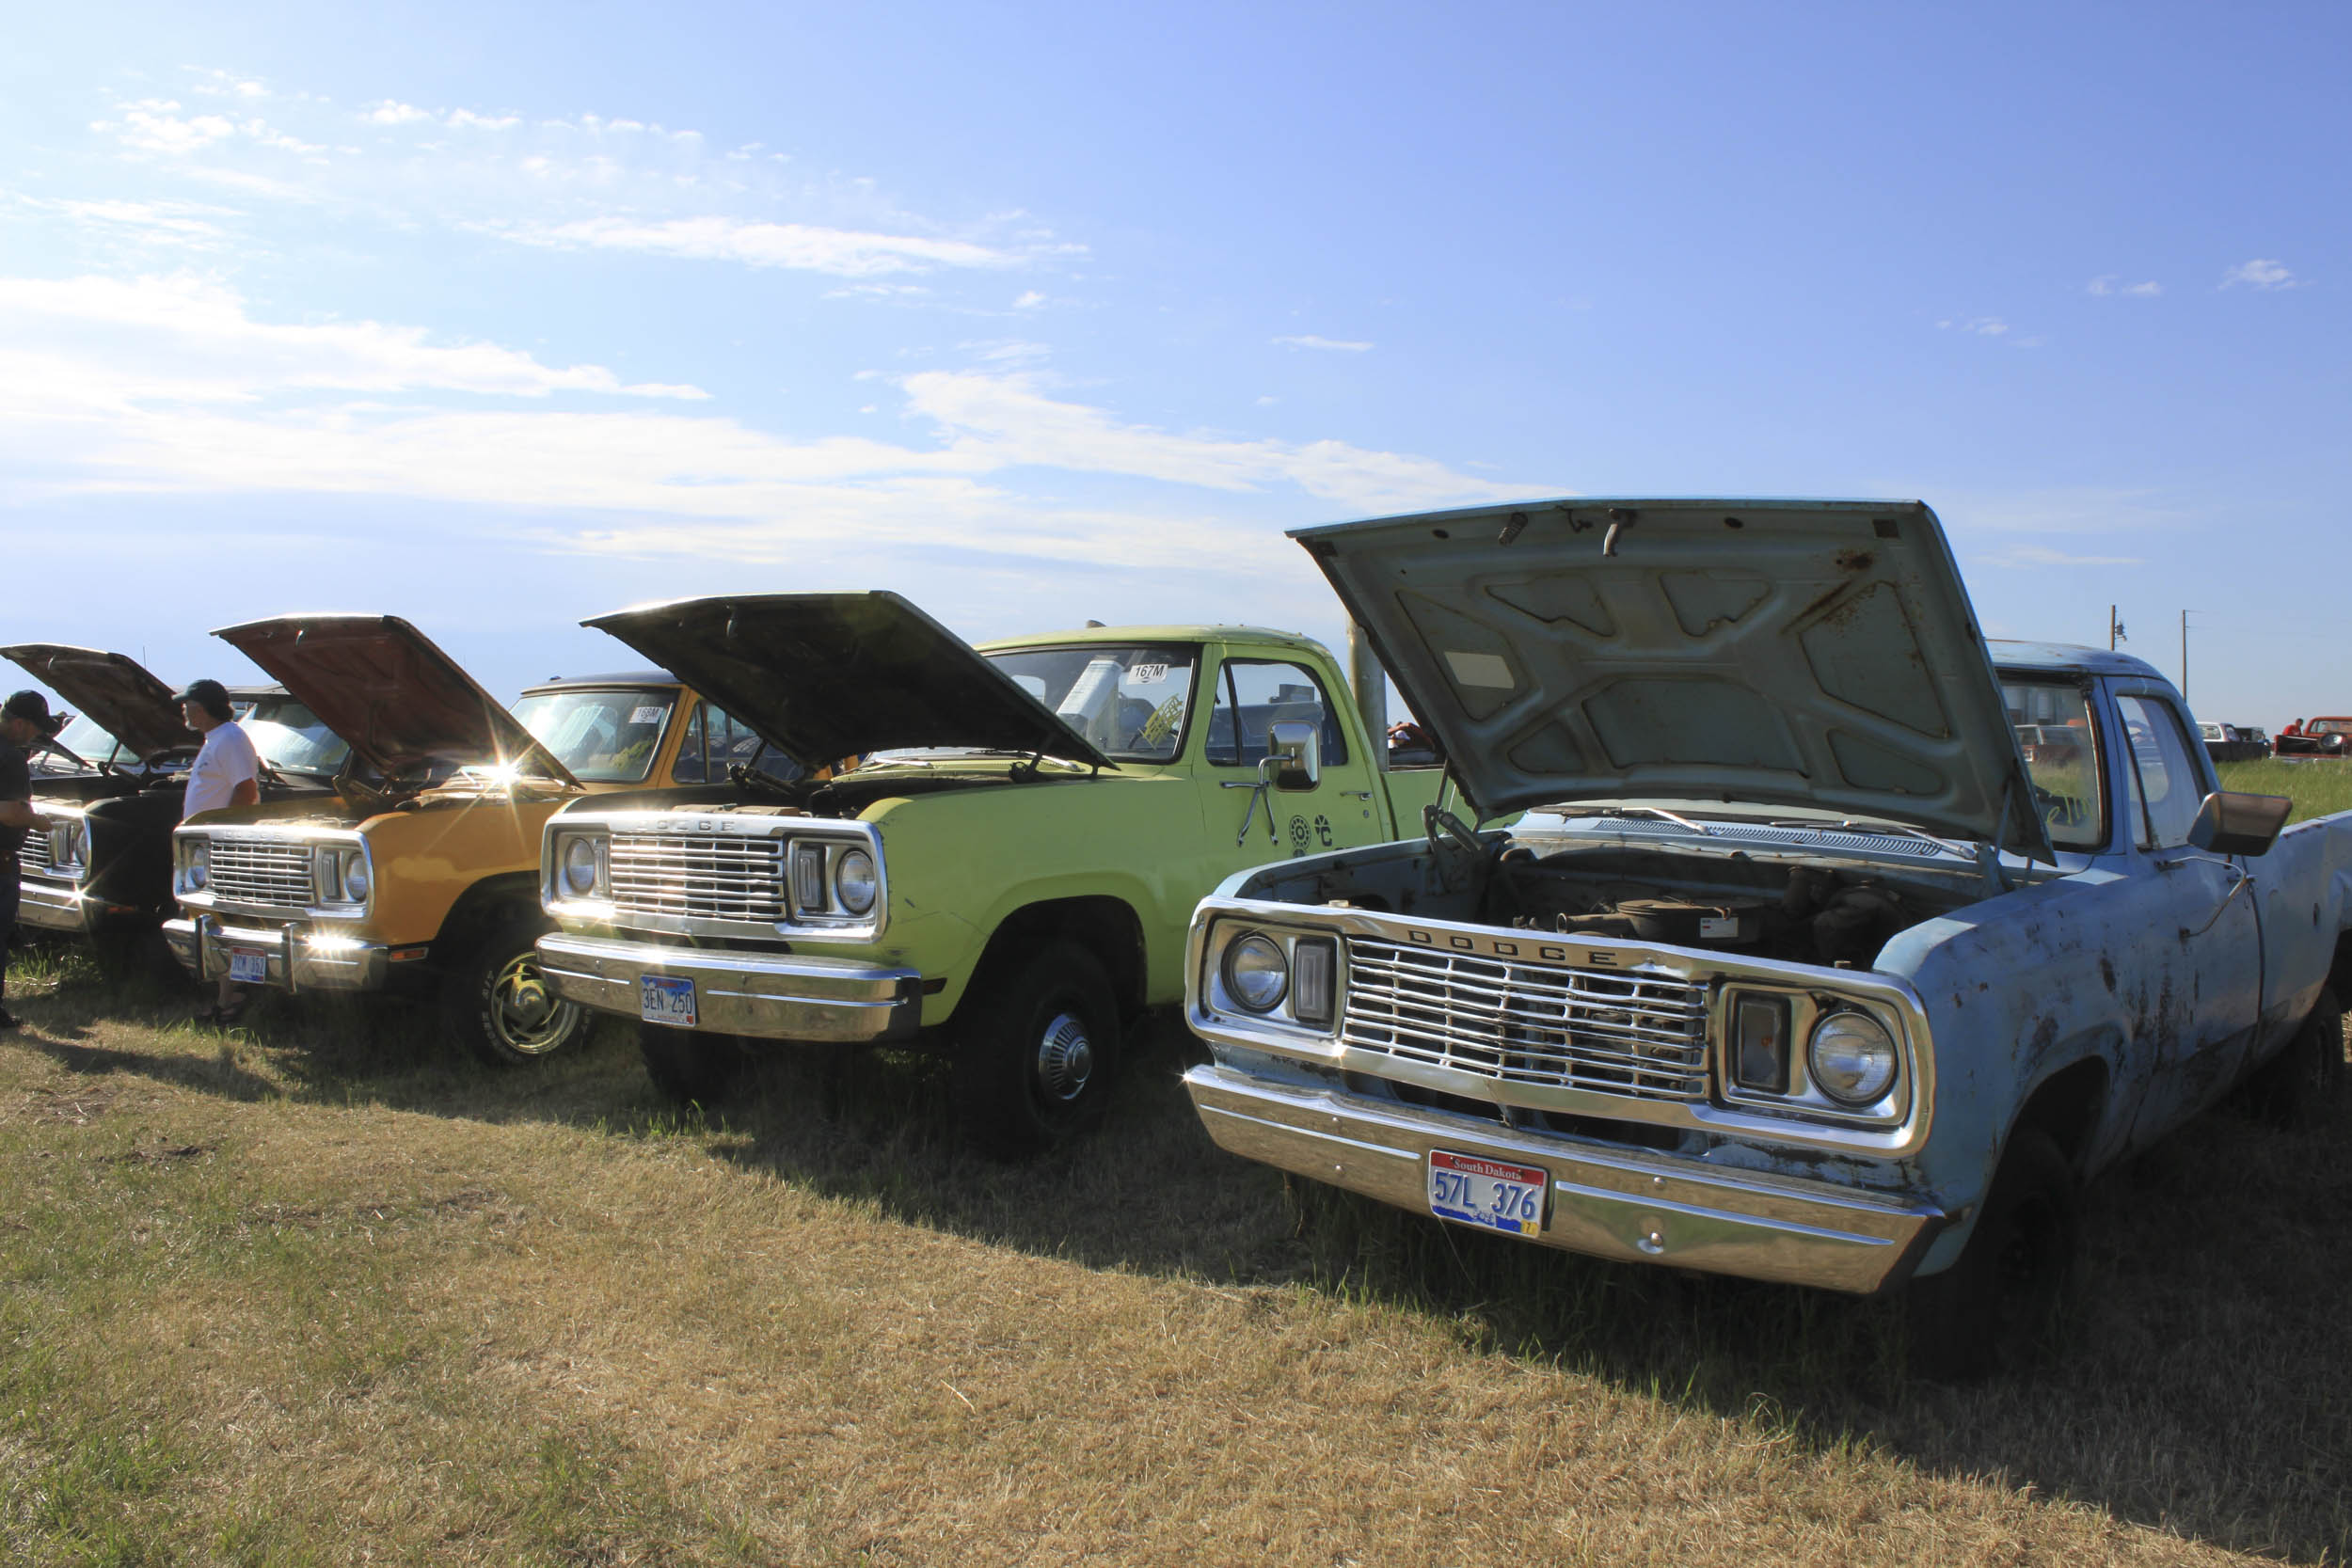 mopar auction line of pickups